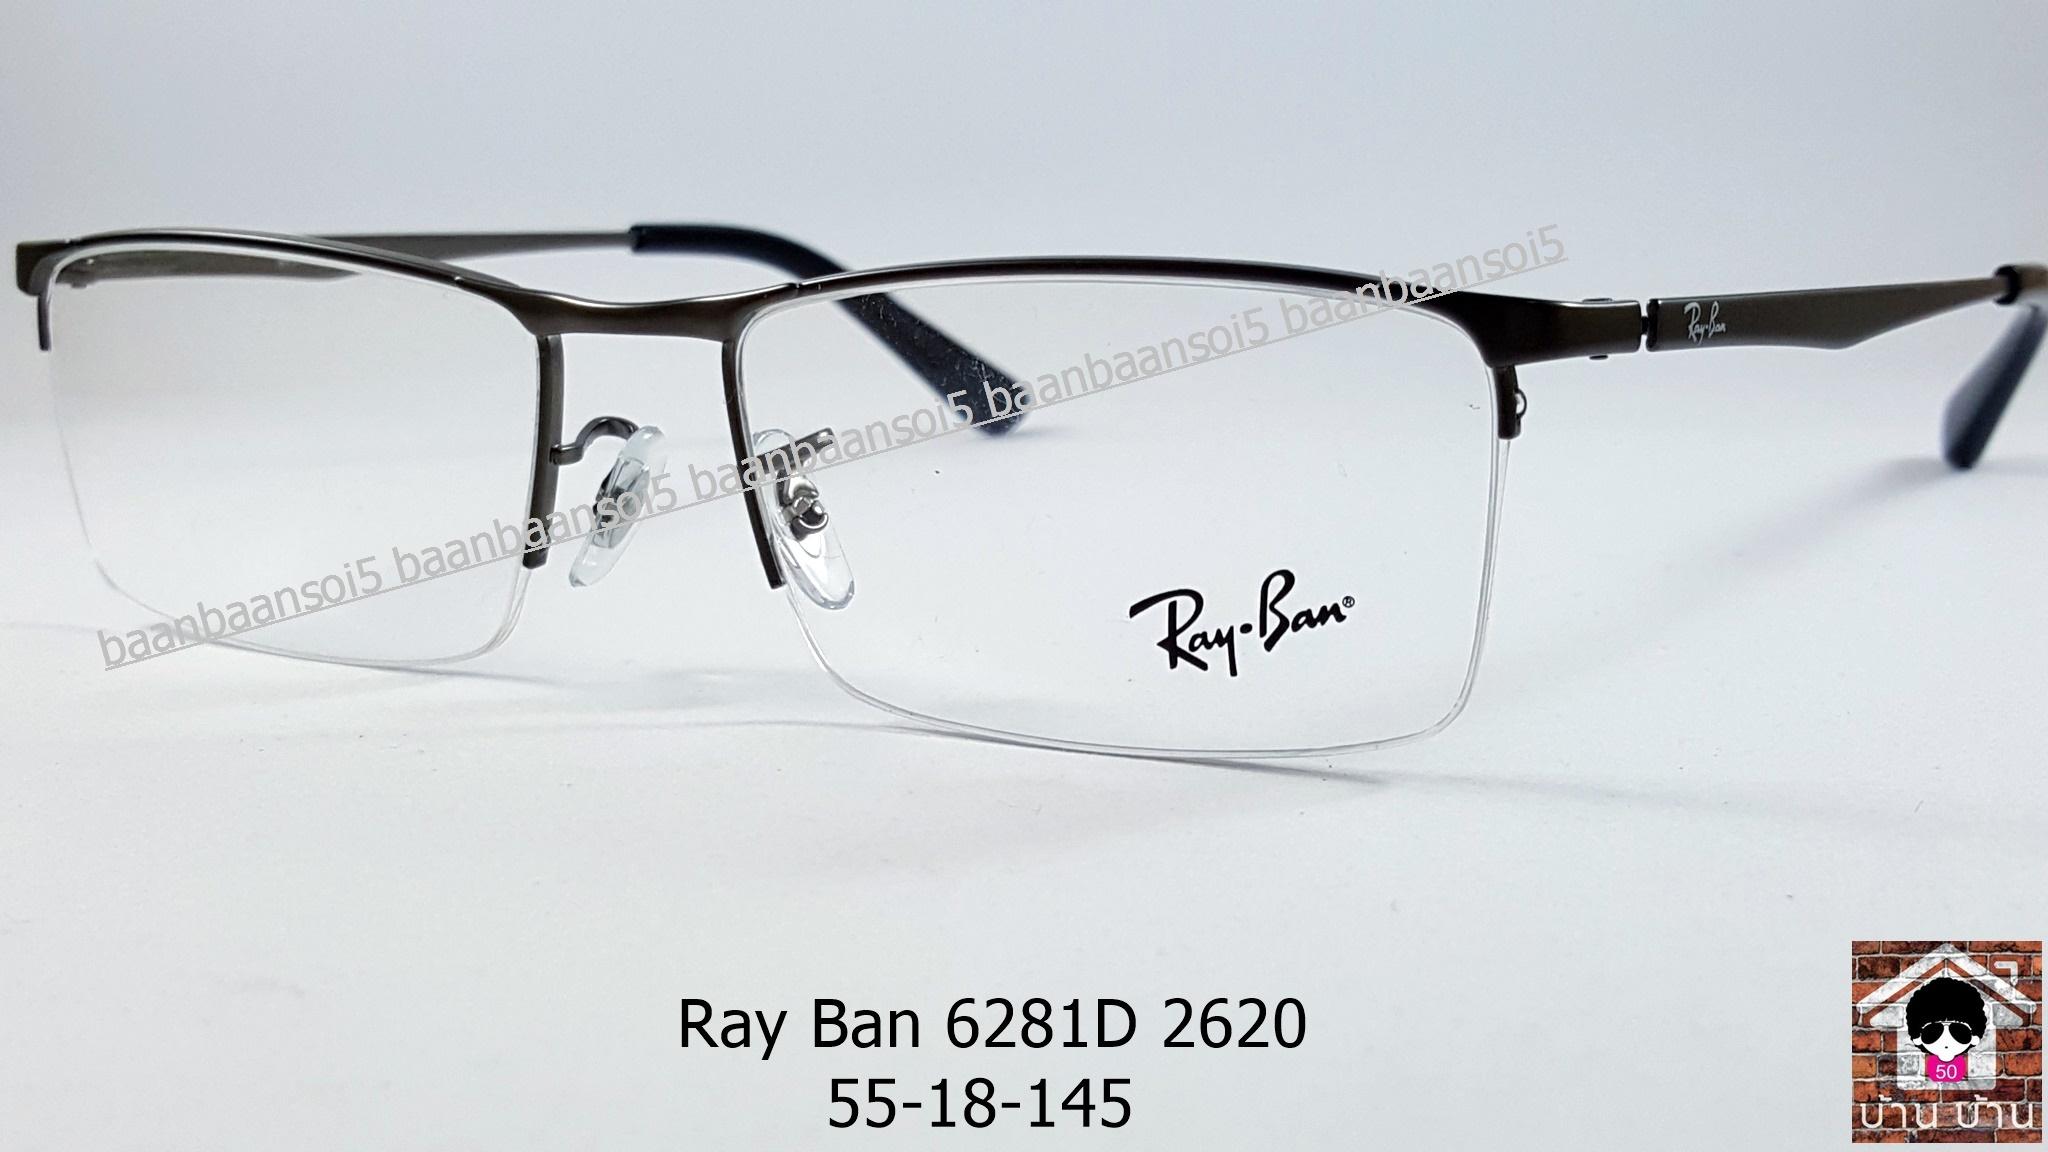 Rayban RB 6281D 2620 โปรโมชั่น กรอบแว่นตาพร้อมเลนส์ HOYA ราคา 2,900 บาท